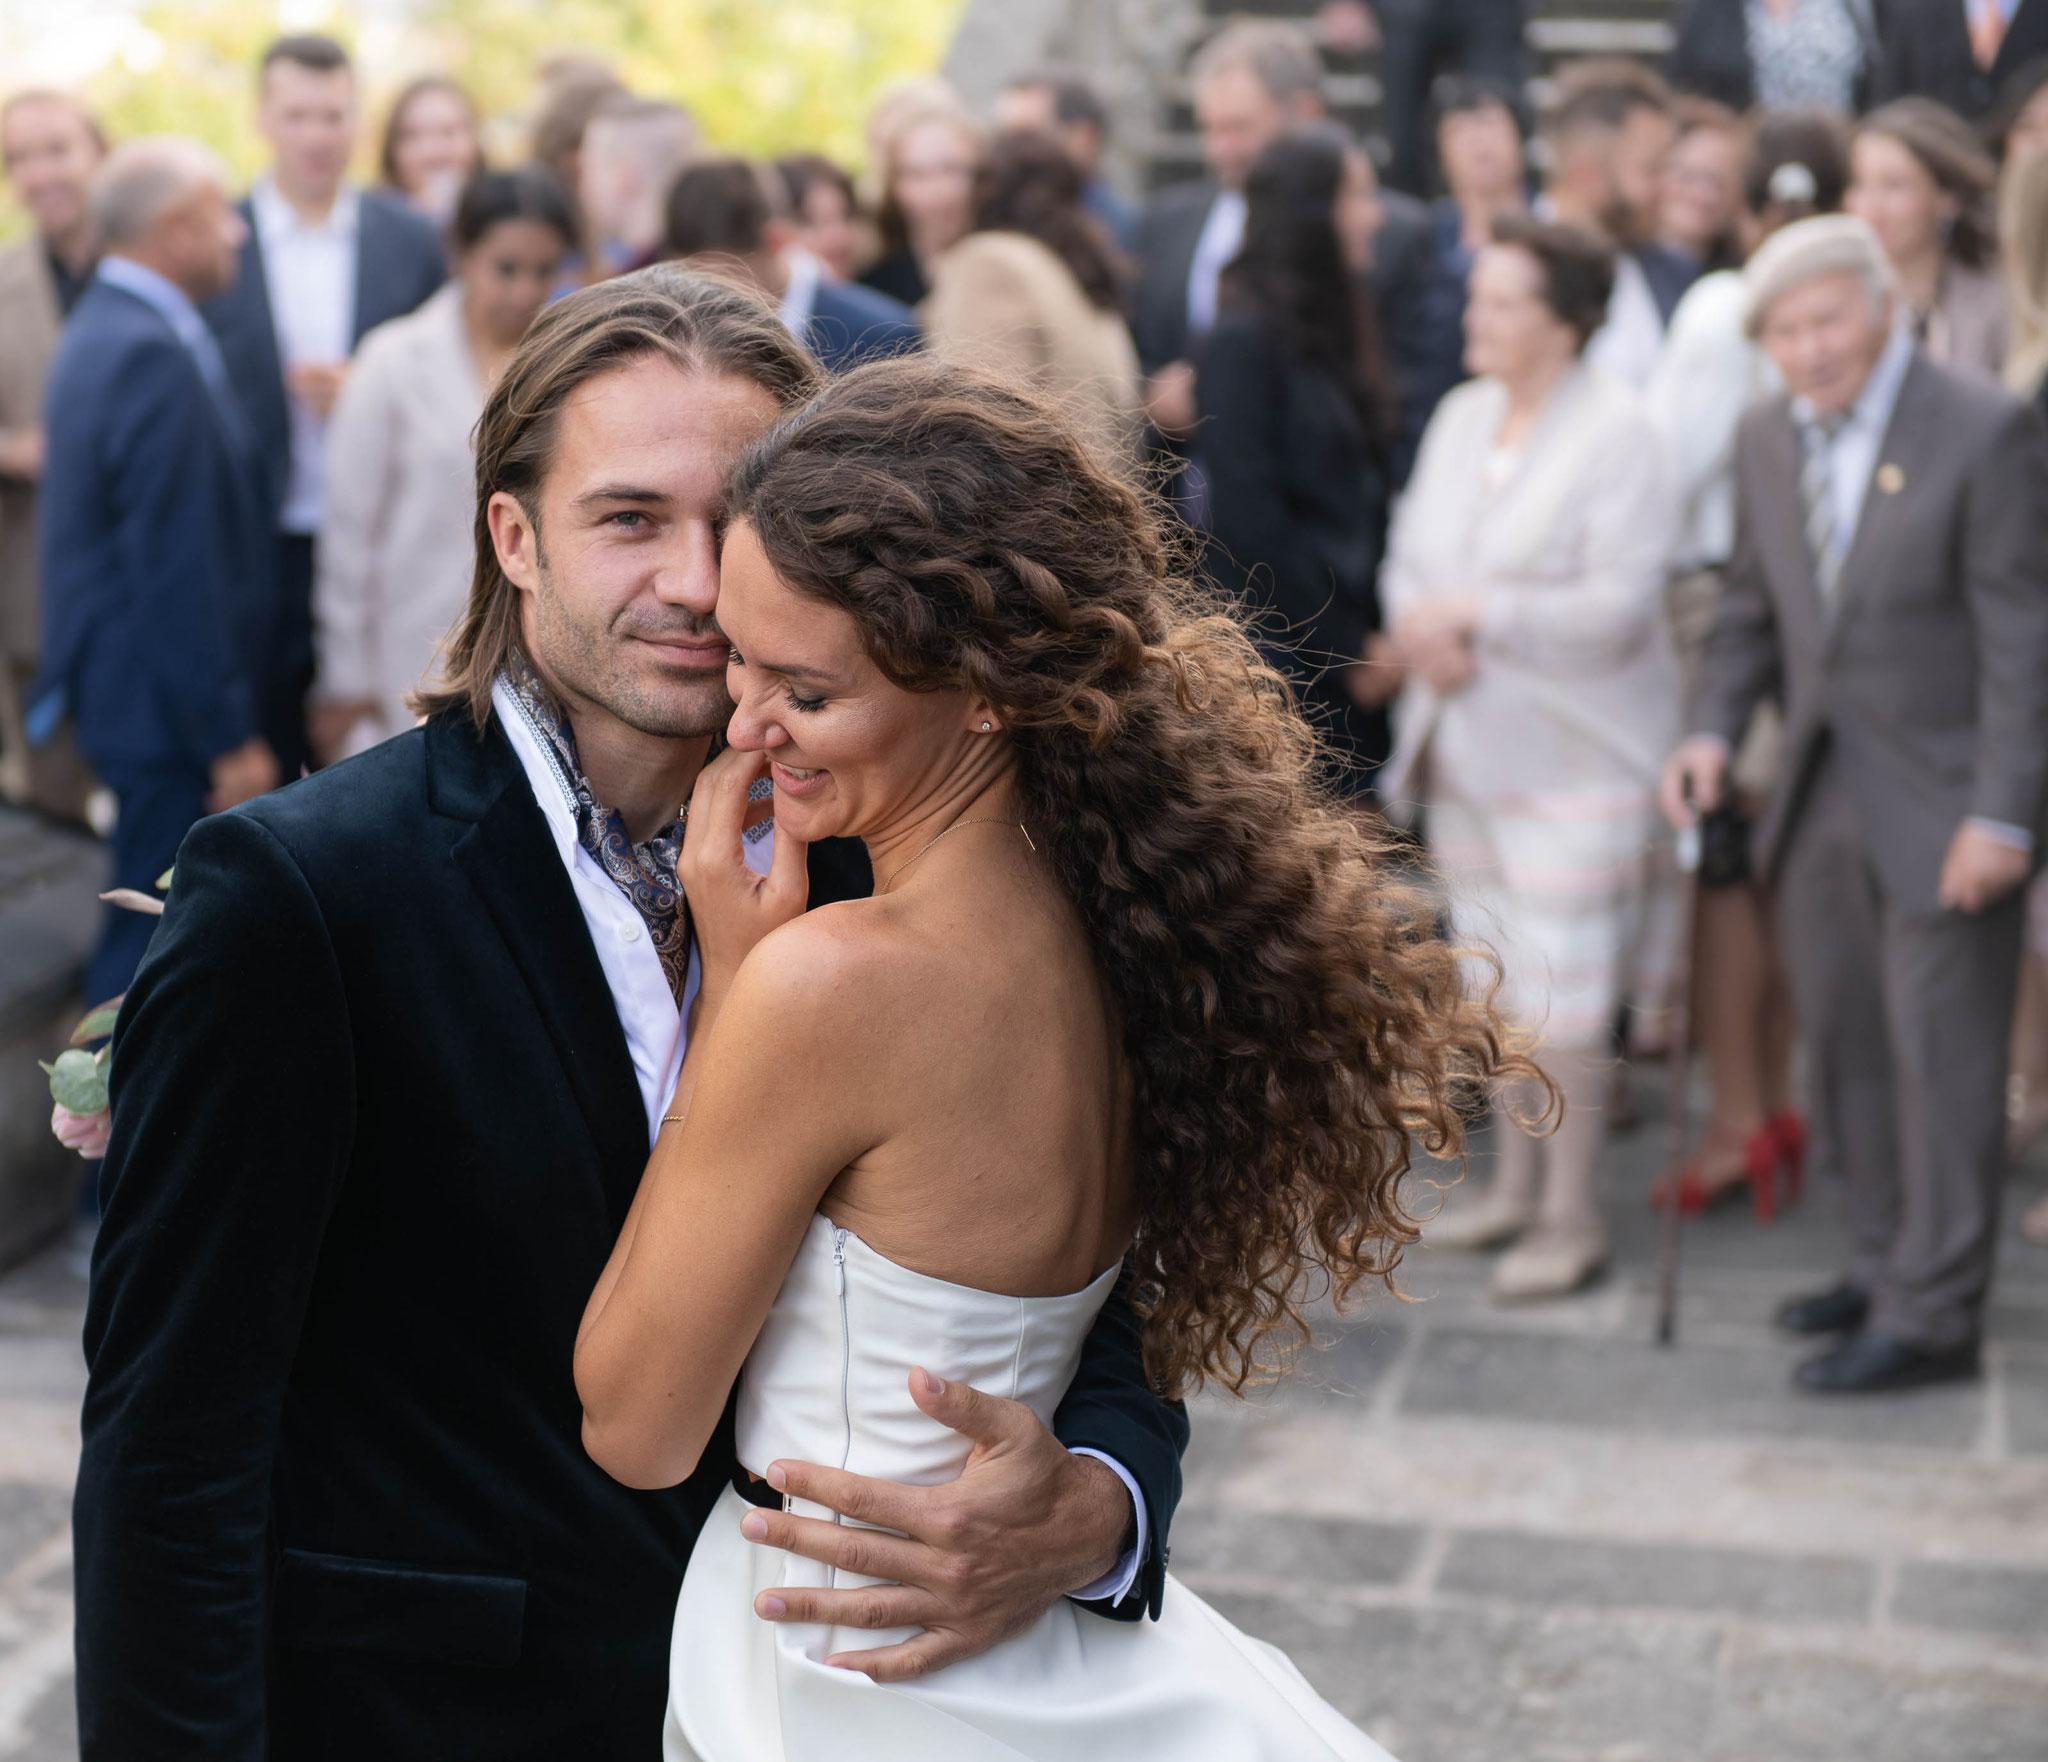 Professionelle Brautpaar Aufnahmen nach dem Standesamt oder kirchlichen Trauung in Würzburg